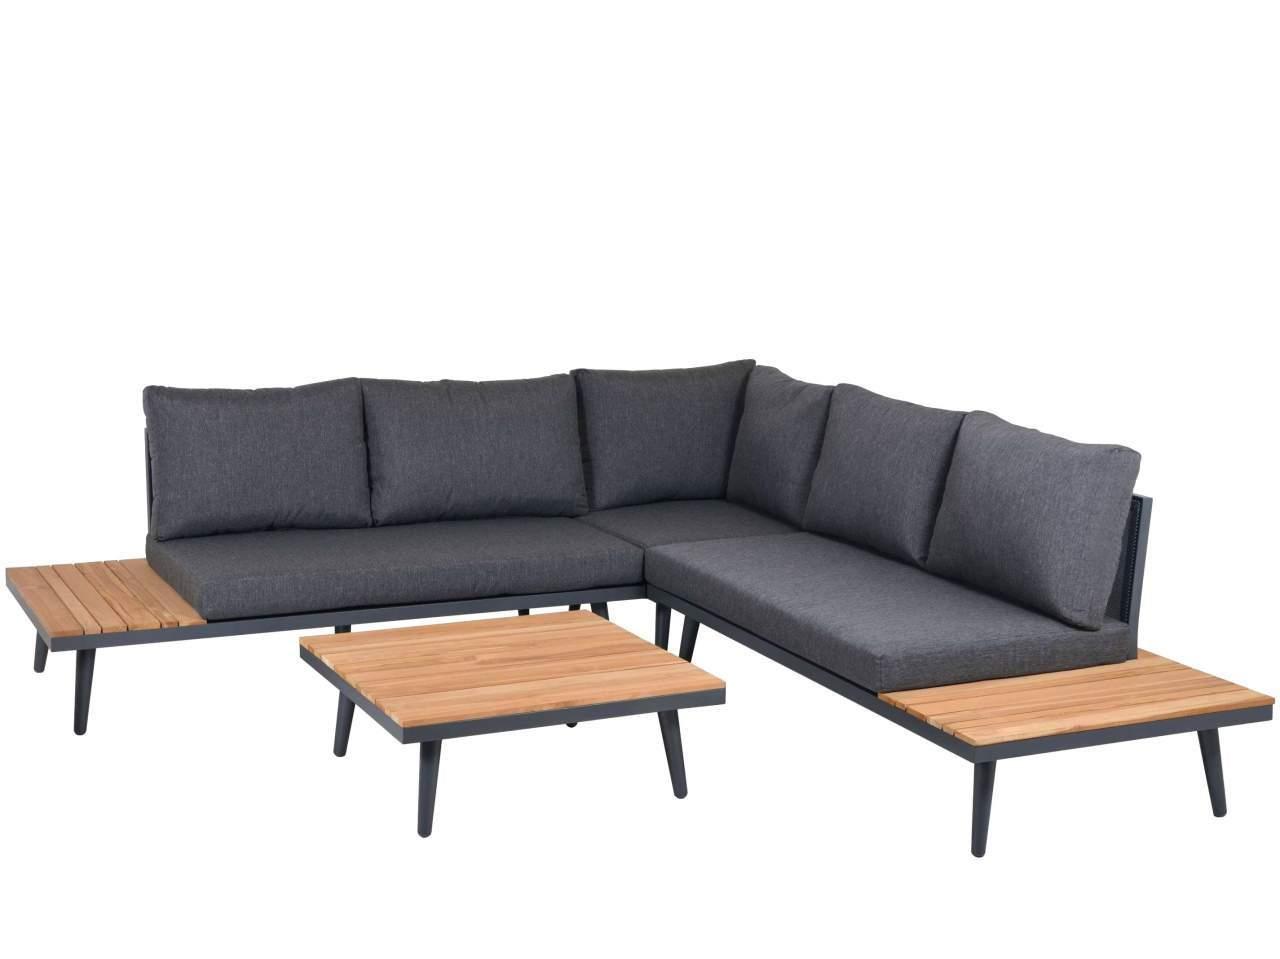 Schallschutzzaun Garten Elegant 35 Luxus Couch Garten Einzigartig